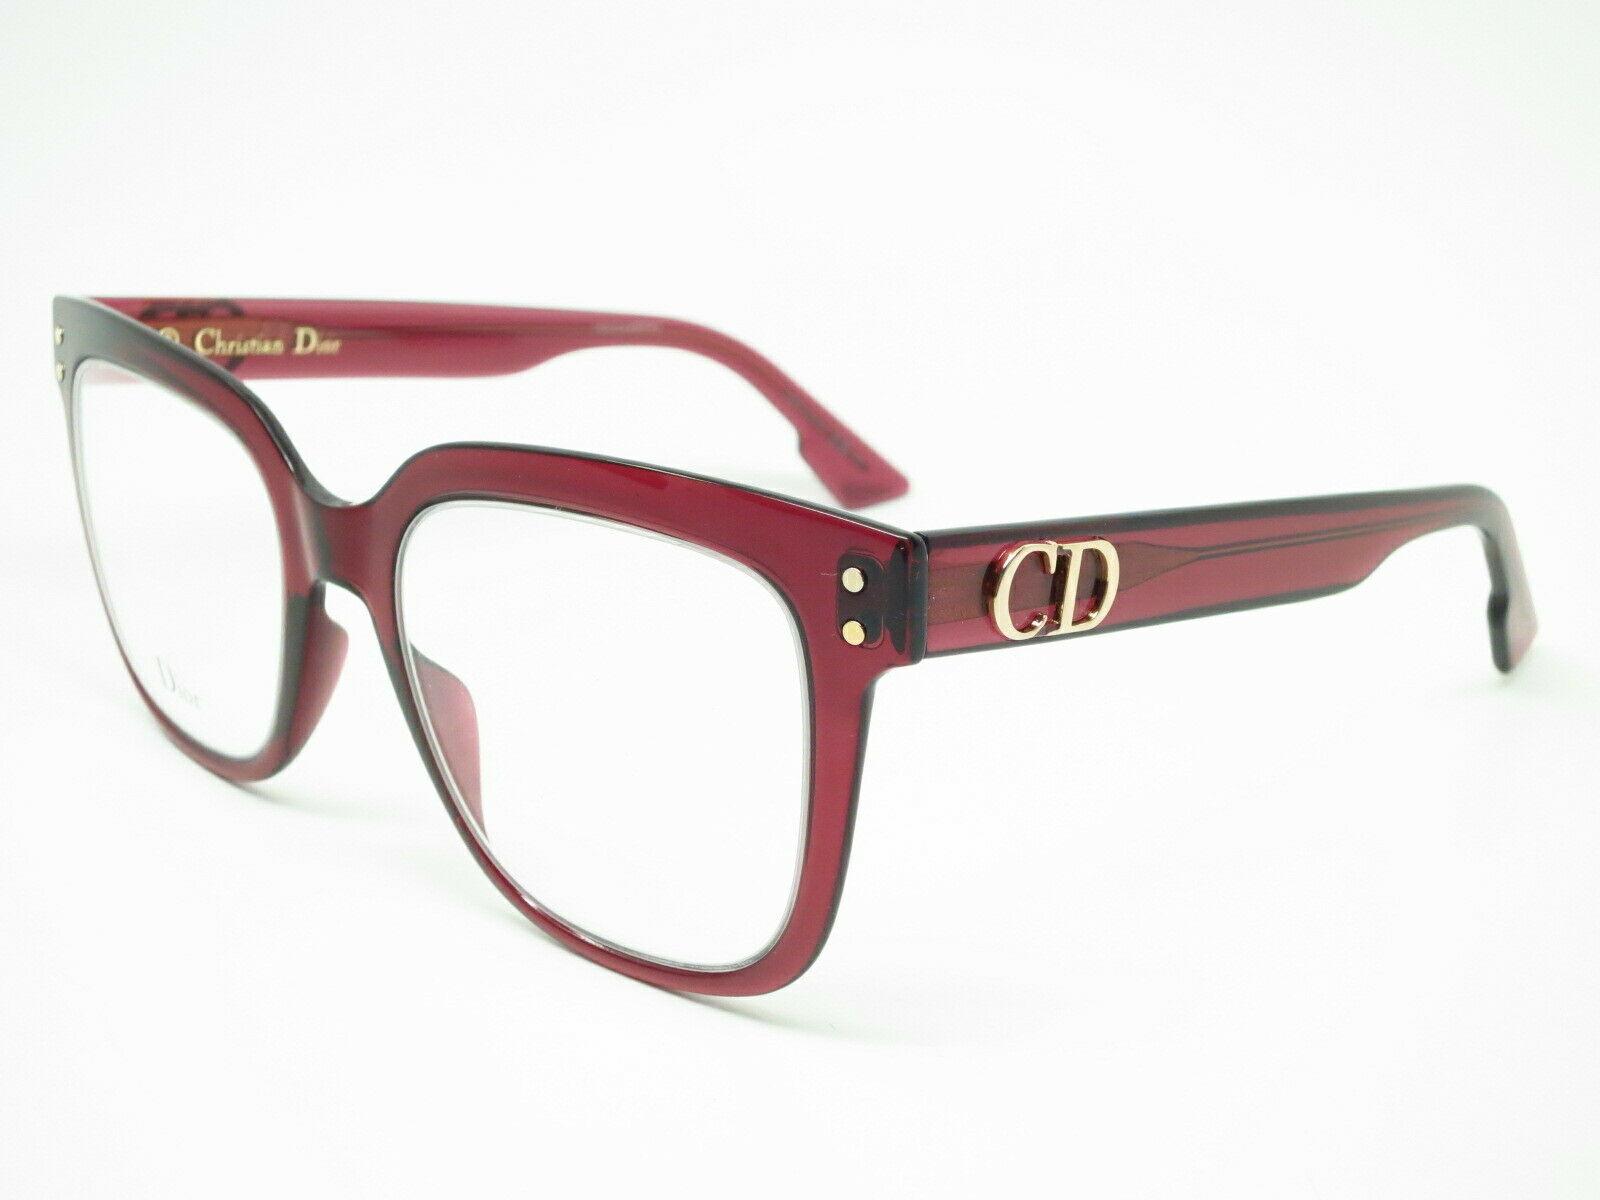 Óculos de Grau Dior Vermelho CD1 - LHF/50